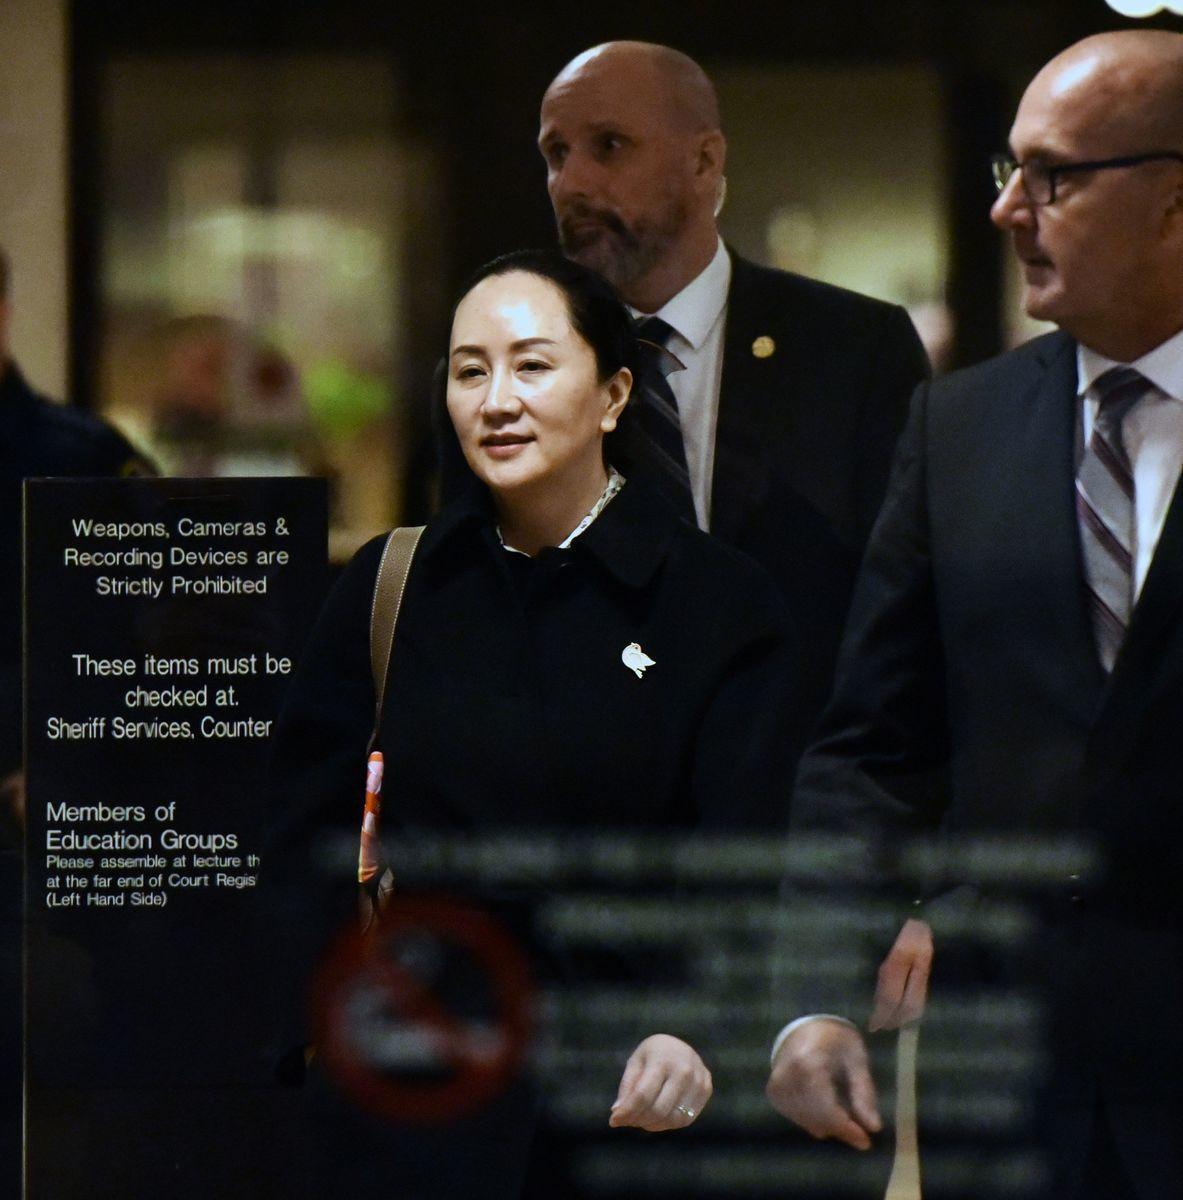 2020年1月23日,華為首席財務官孟晚舟在接受了為期四天的引渡案審理後,離開位於卑詩省溫哥華市的不列顛哥倫比亞最高法院。(DON MACKINNON/AFP via Getty Images)